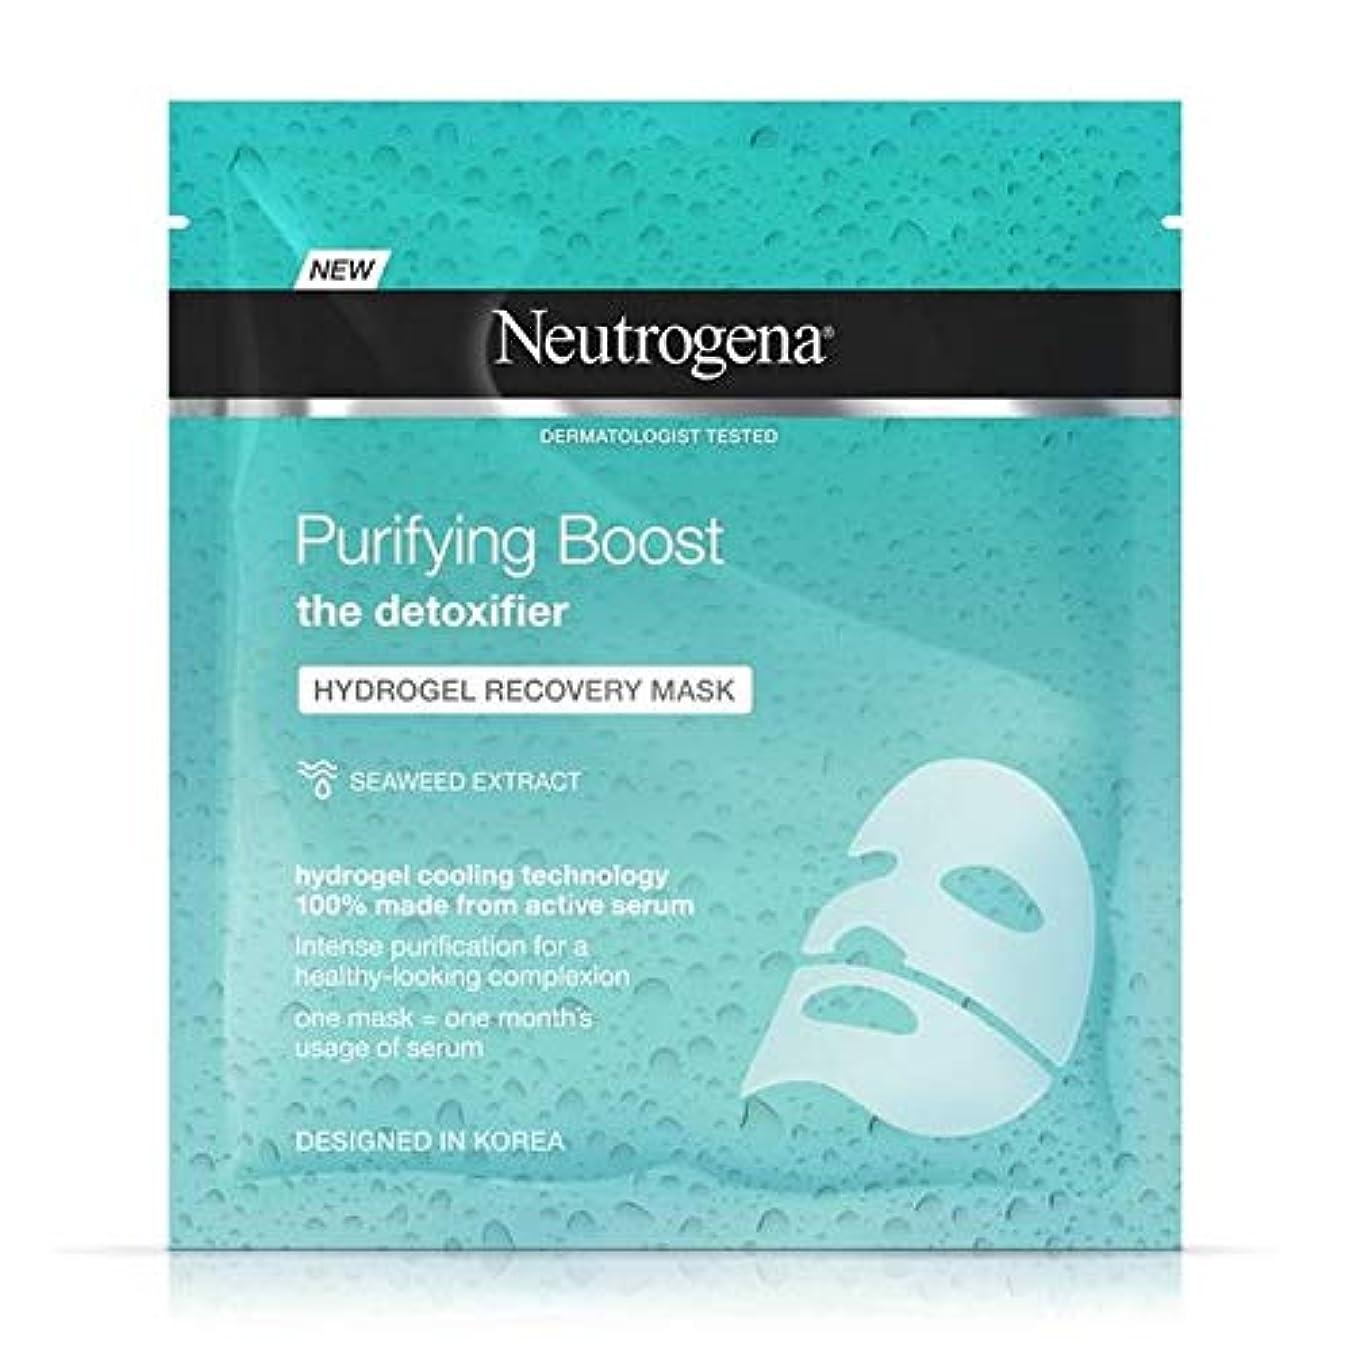 雄大なボール絶対の[Neutrogena] ニュートロジーナ浄化ブーストハイドロゲルマスク30ミリリットル - Neutrogena Purifying Boost Hydrogel Mask 30ml [並行輸入品]